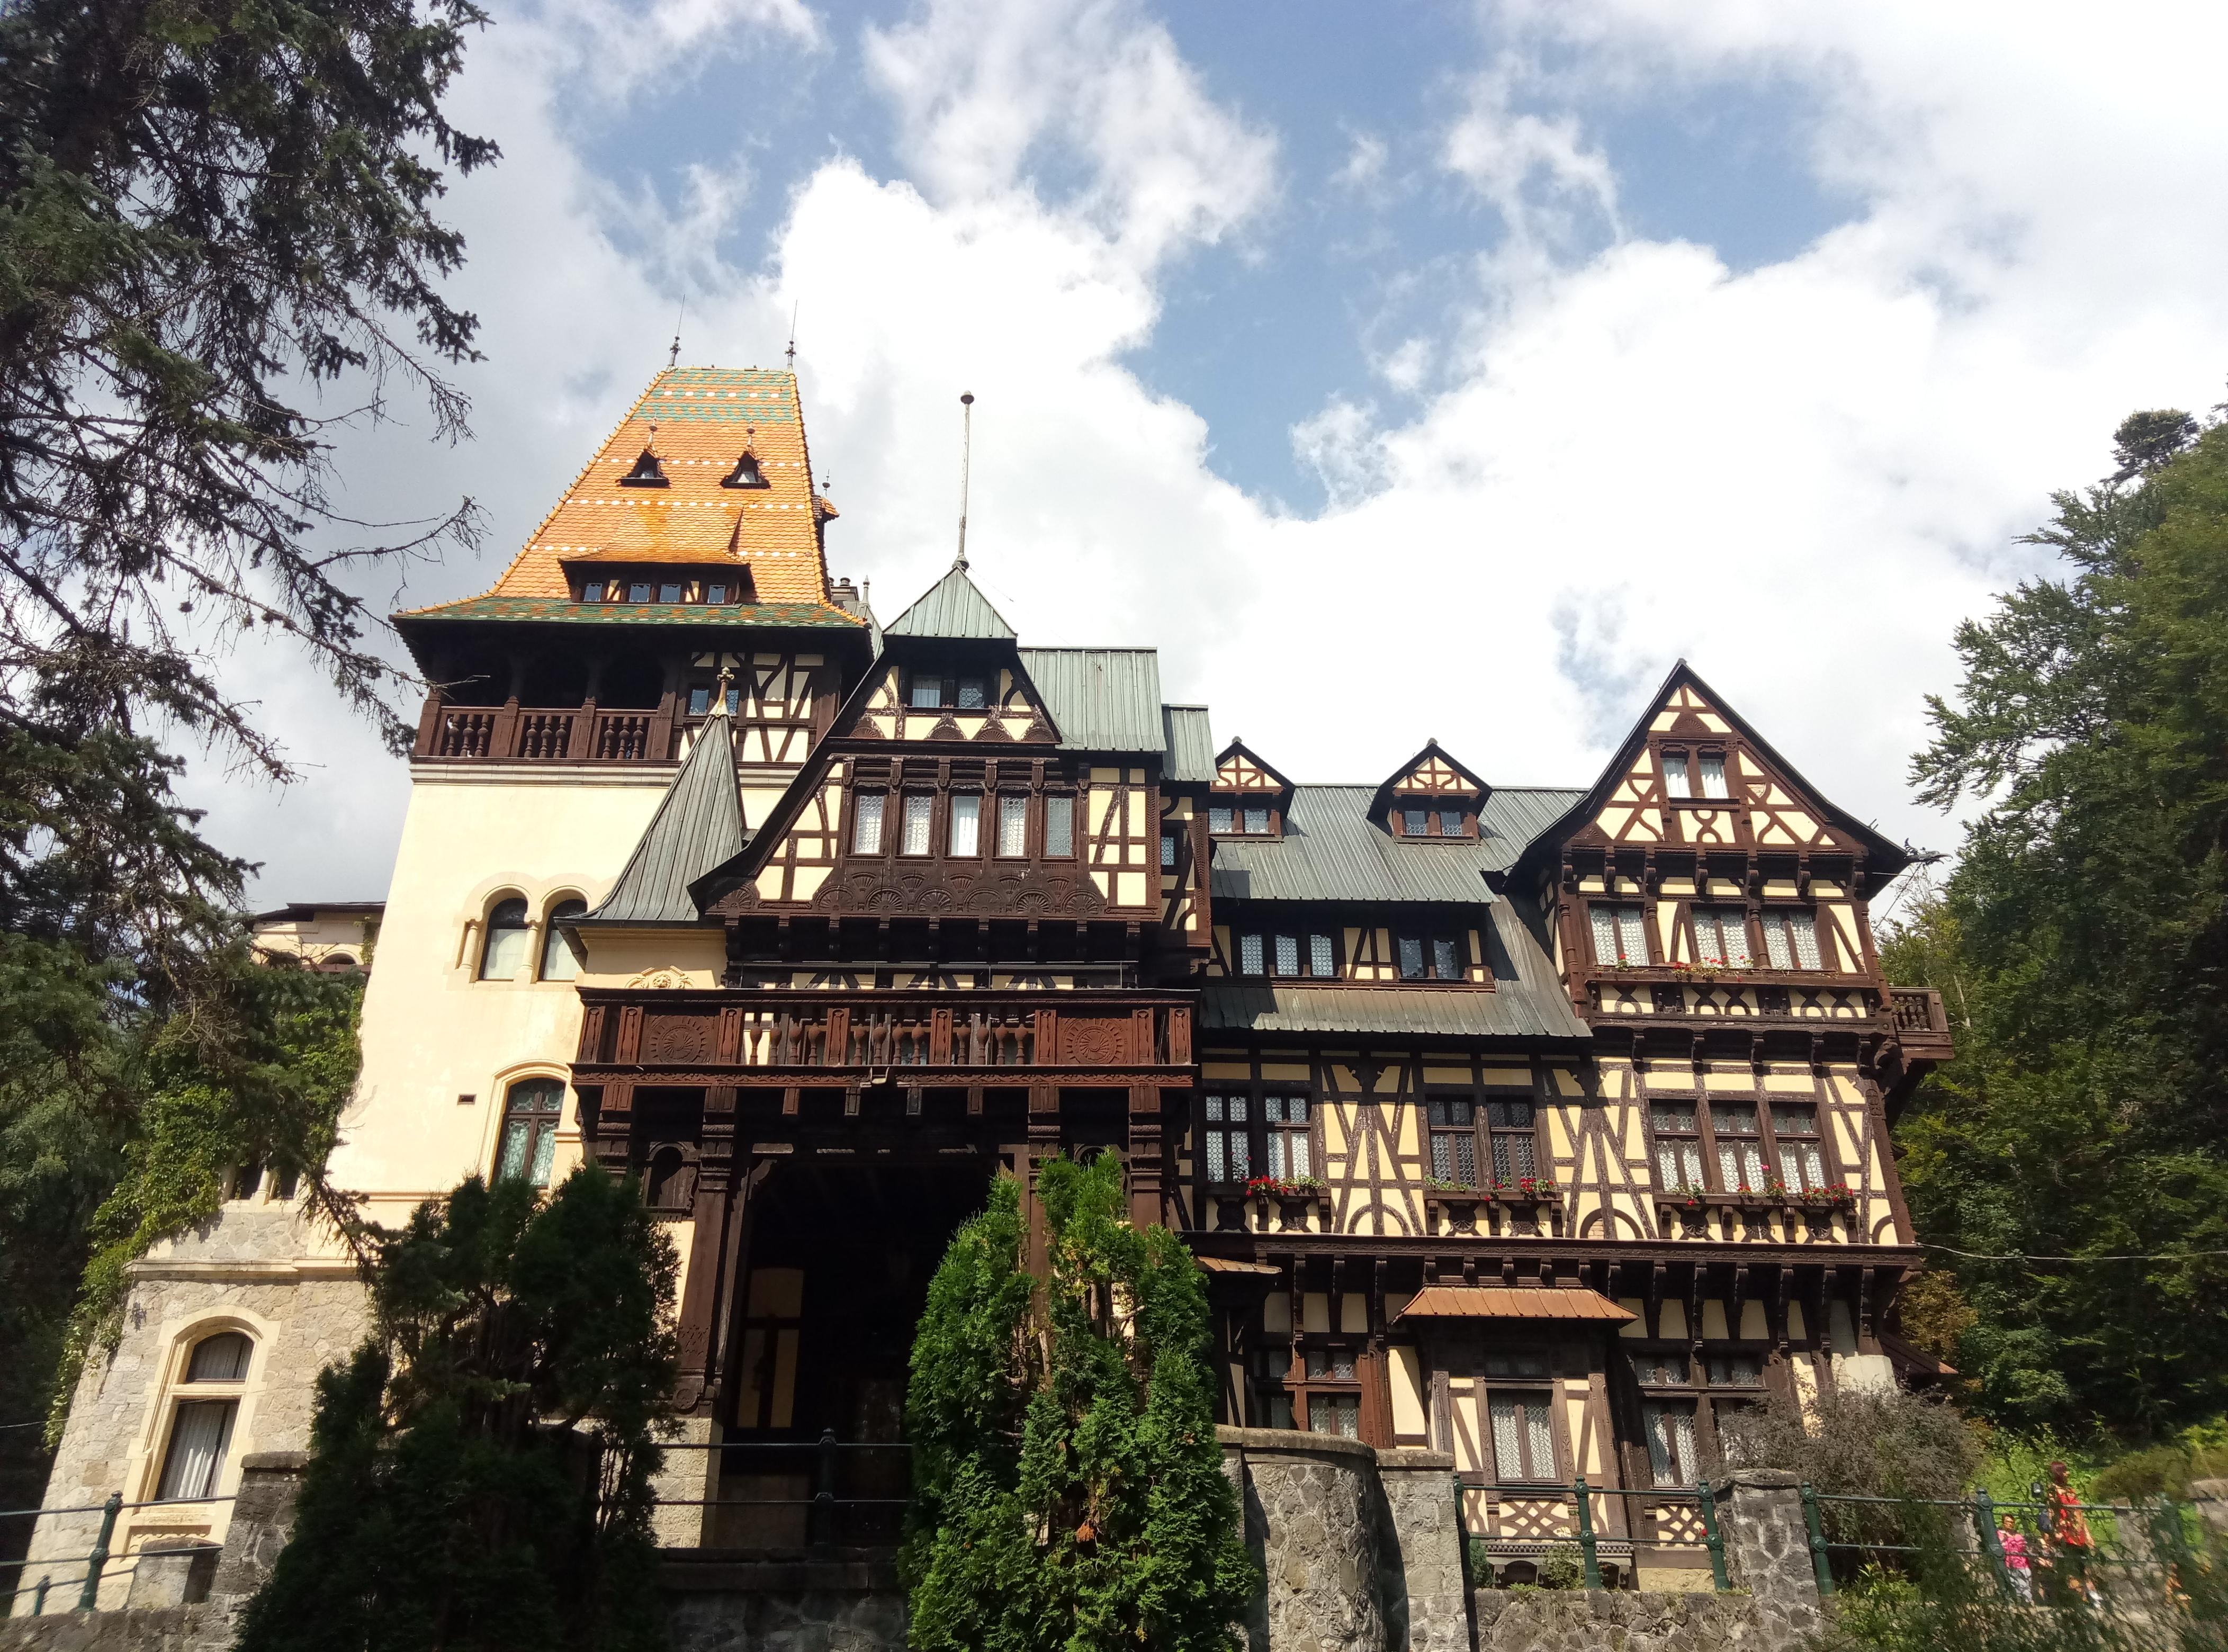 Замок Дракулы в Трансильвании: у вапмира были гениальные пиарщики Замок Дракулы в Трансильвании P80825 121729